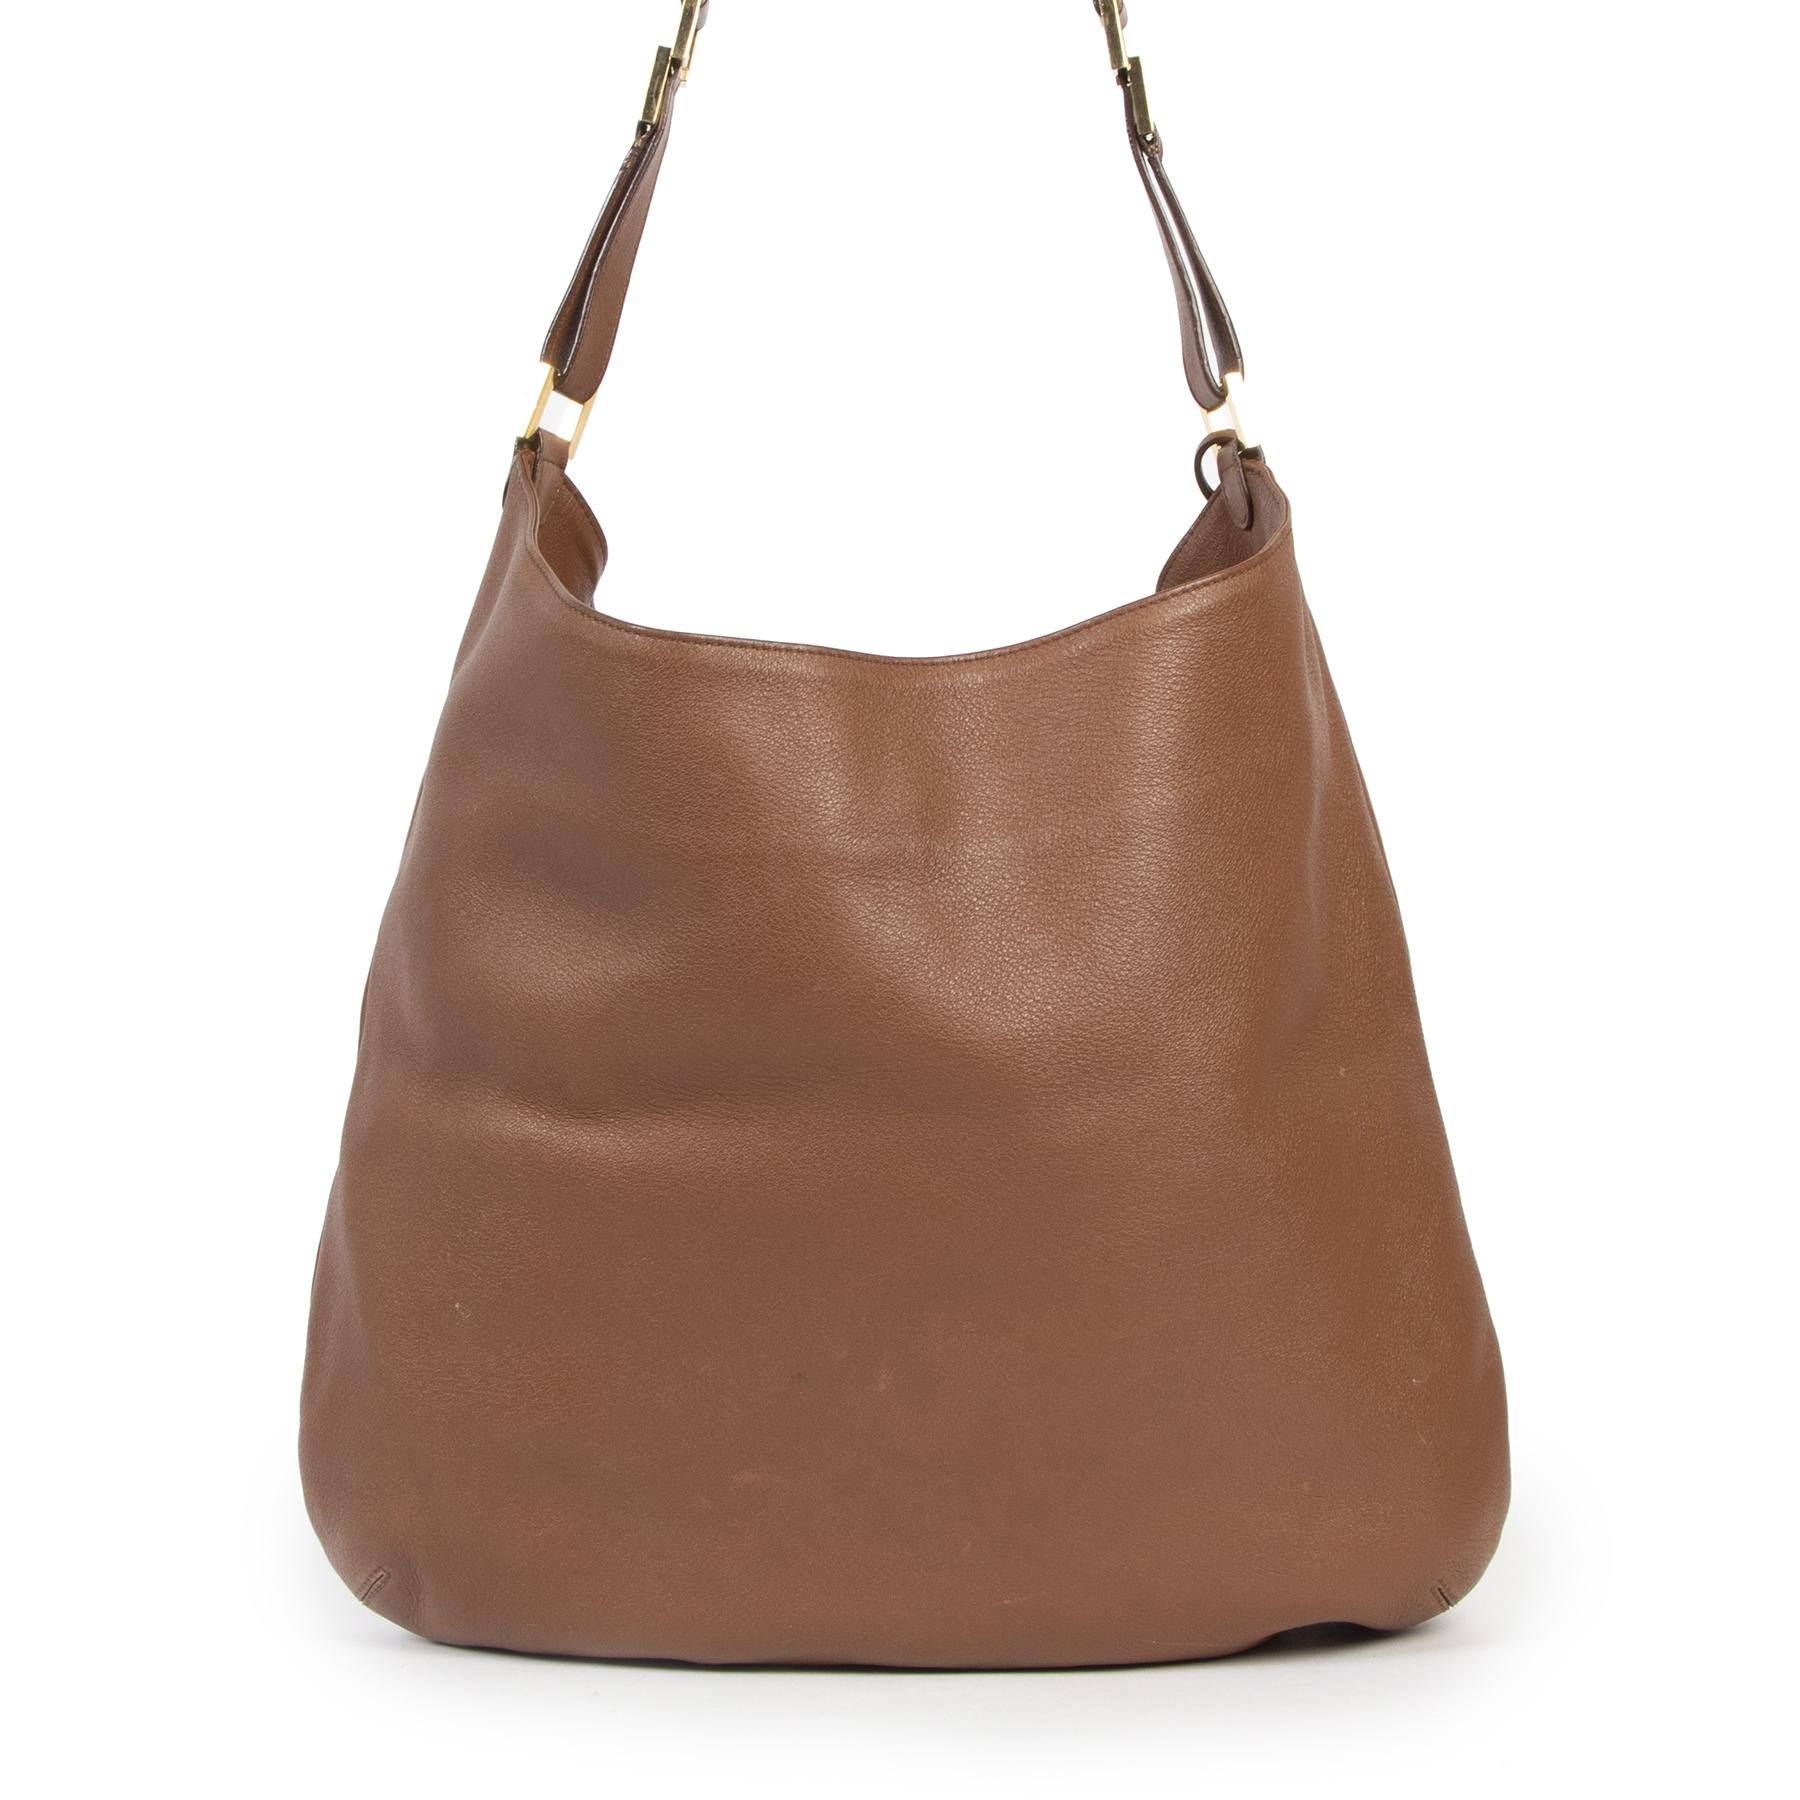 Delvaux Fauve Louise GM Shoulder Bag te koop aan de beste prijs bij Labellov tweedehands luxe